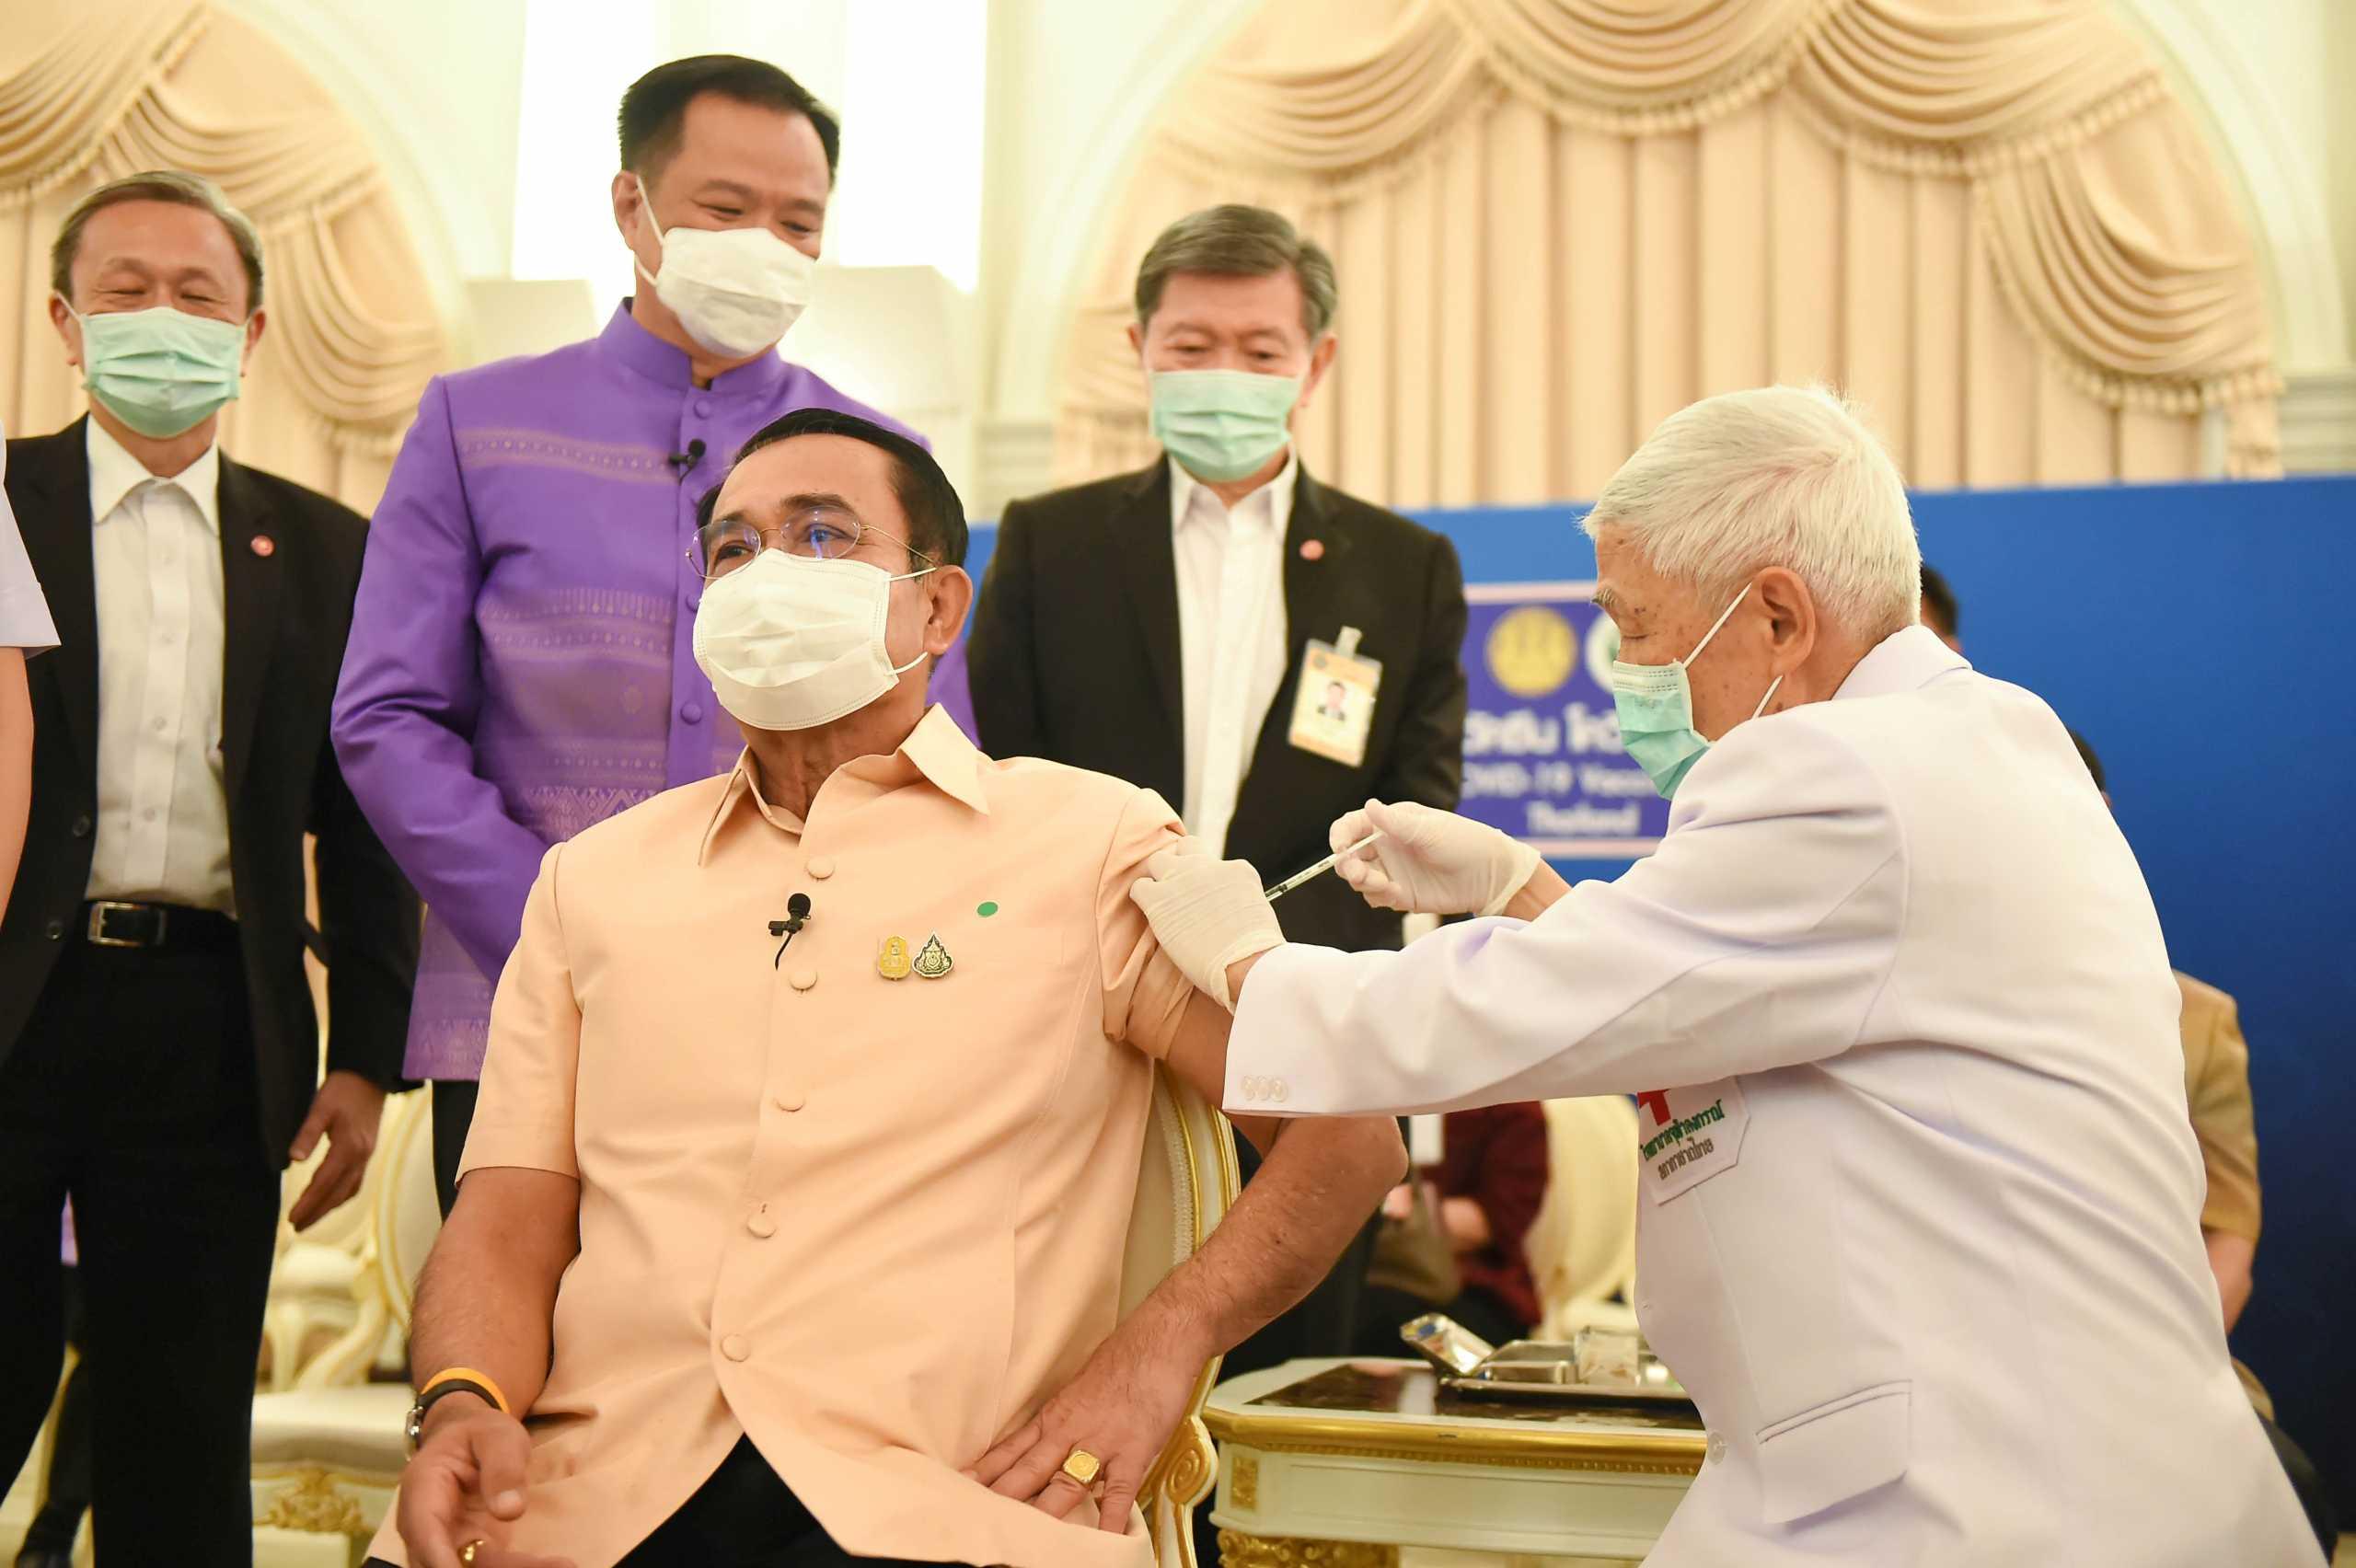 Δεν «μασάει» ο πρωθυπουργός της Ταϊλάνδης: Έκανε το εμβόλιο της AstraZeneca